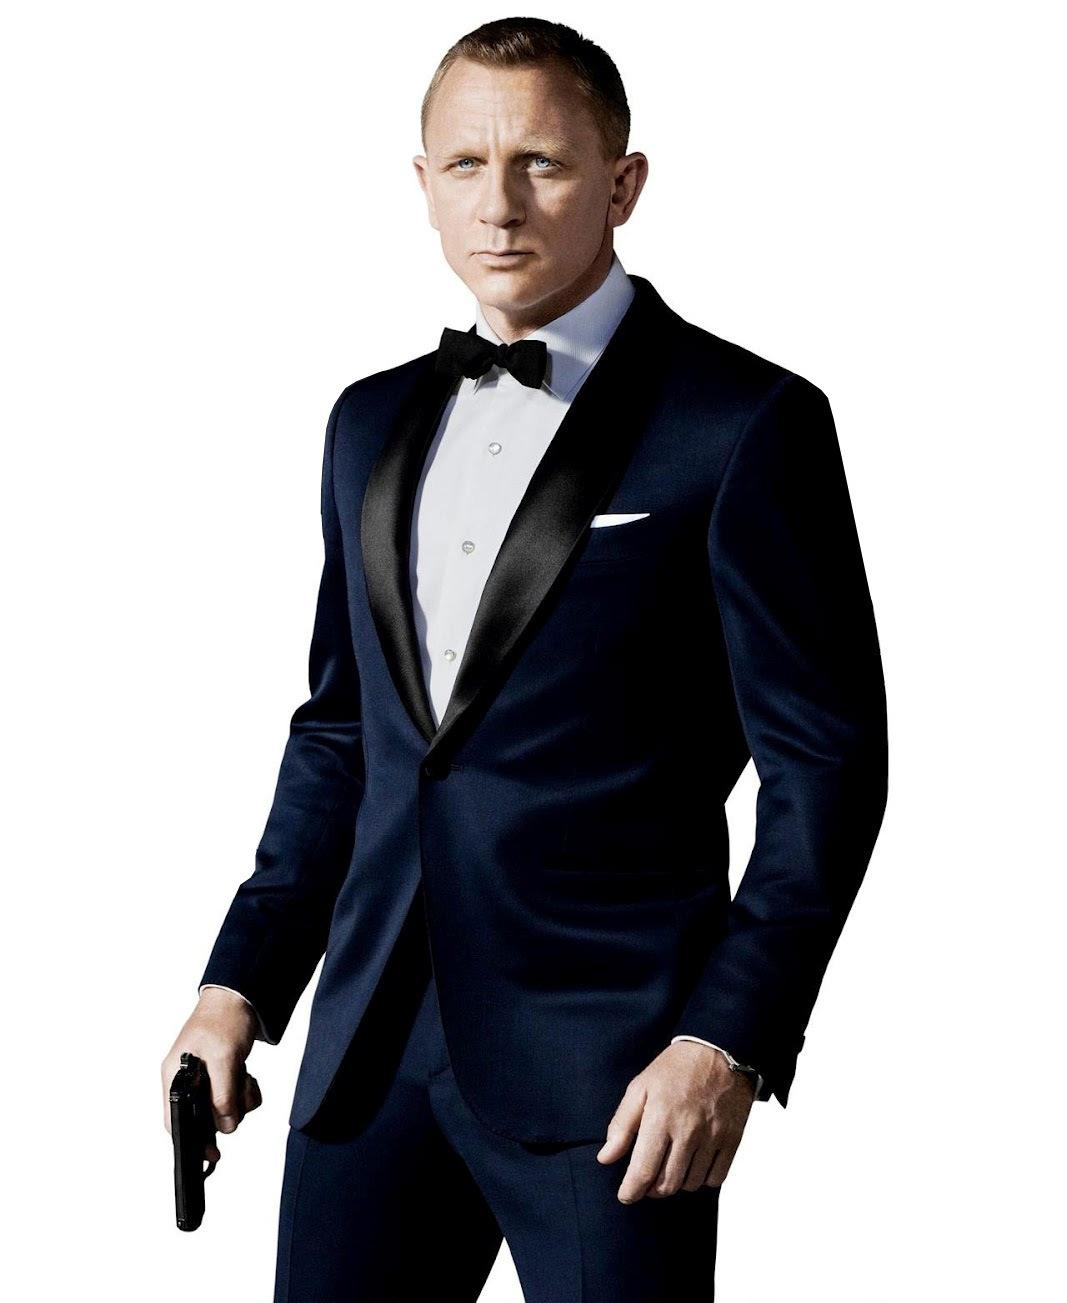 2018 Custom Made bleu marine smokings inspiré par costume porté en James Bond costume de mariage pour hommes garçons d'honneur coupe Slim Suit veste + pantalon + arc